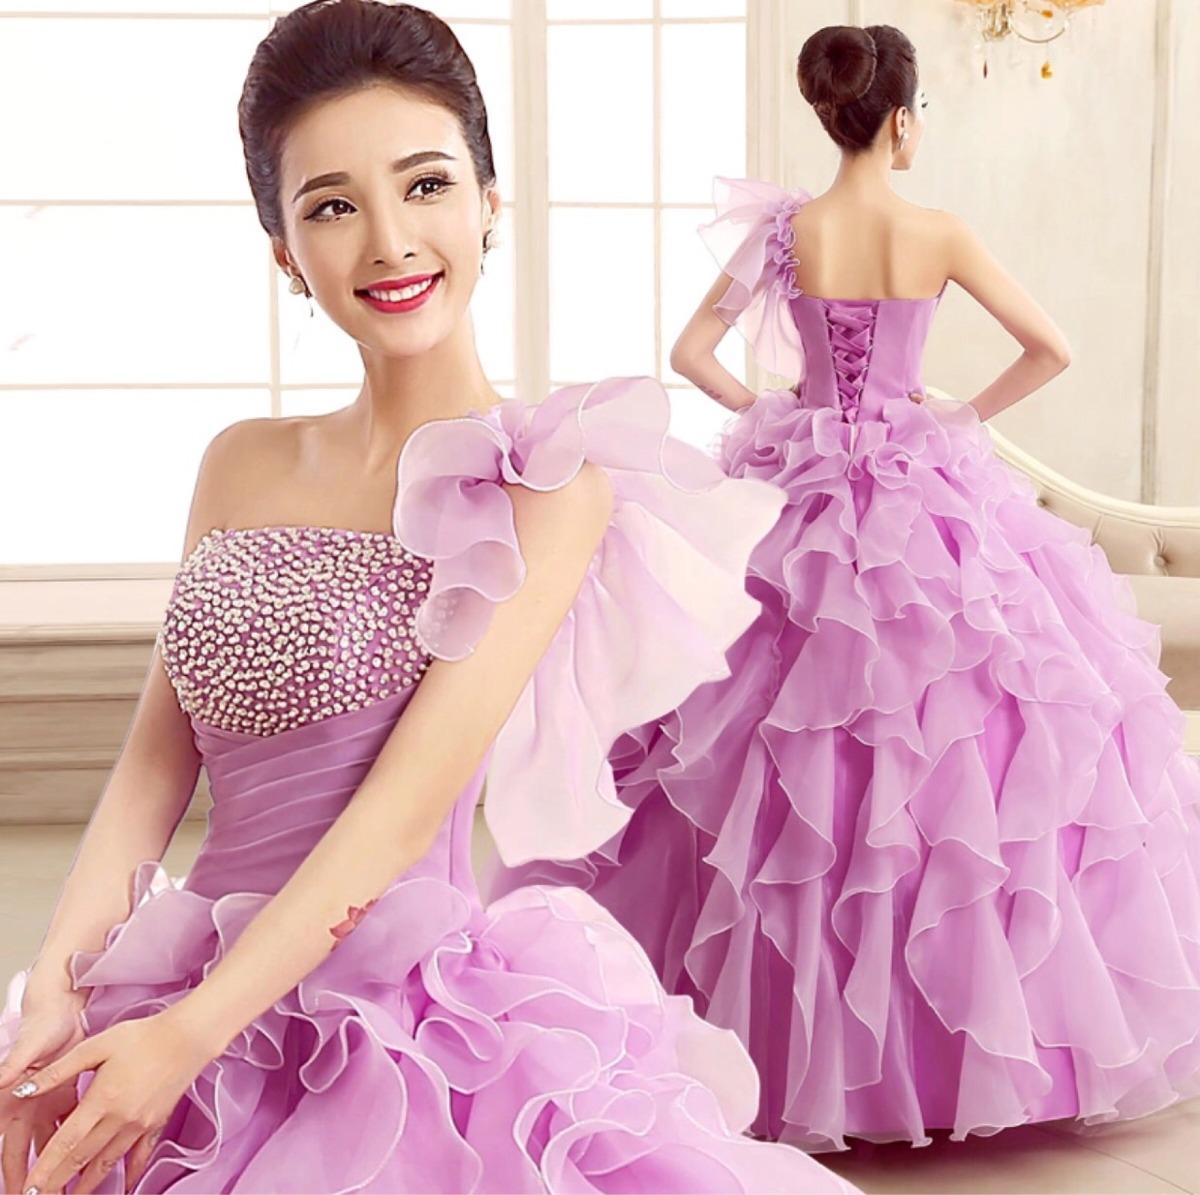 Hermosa Vestidos De Dama Violeta Fotos - Colección de Vestidos de ...